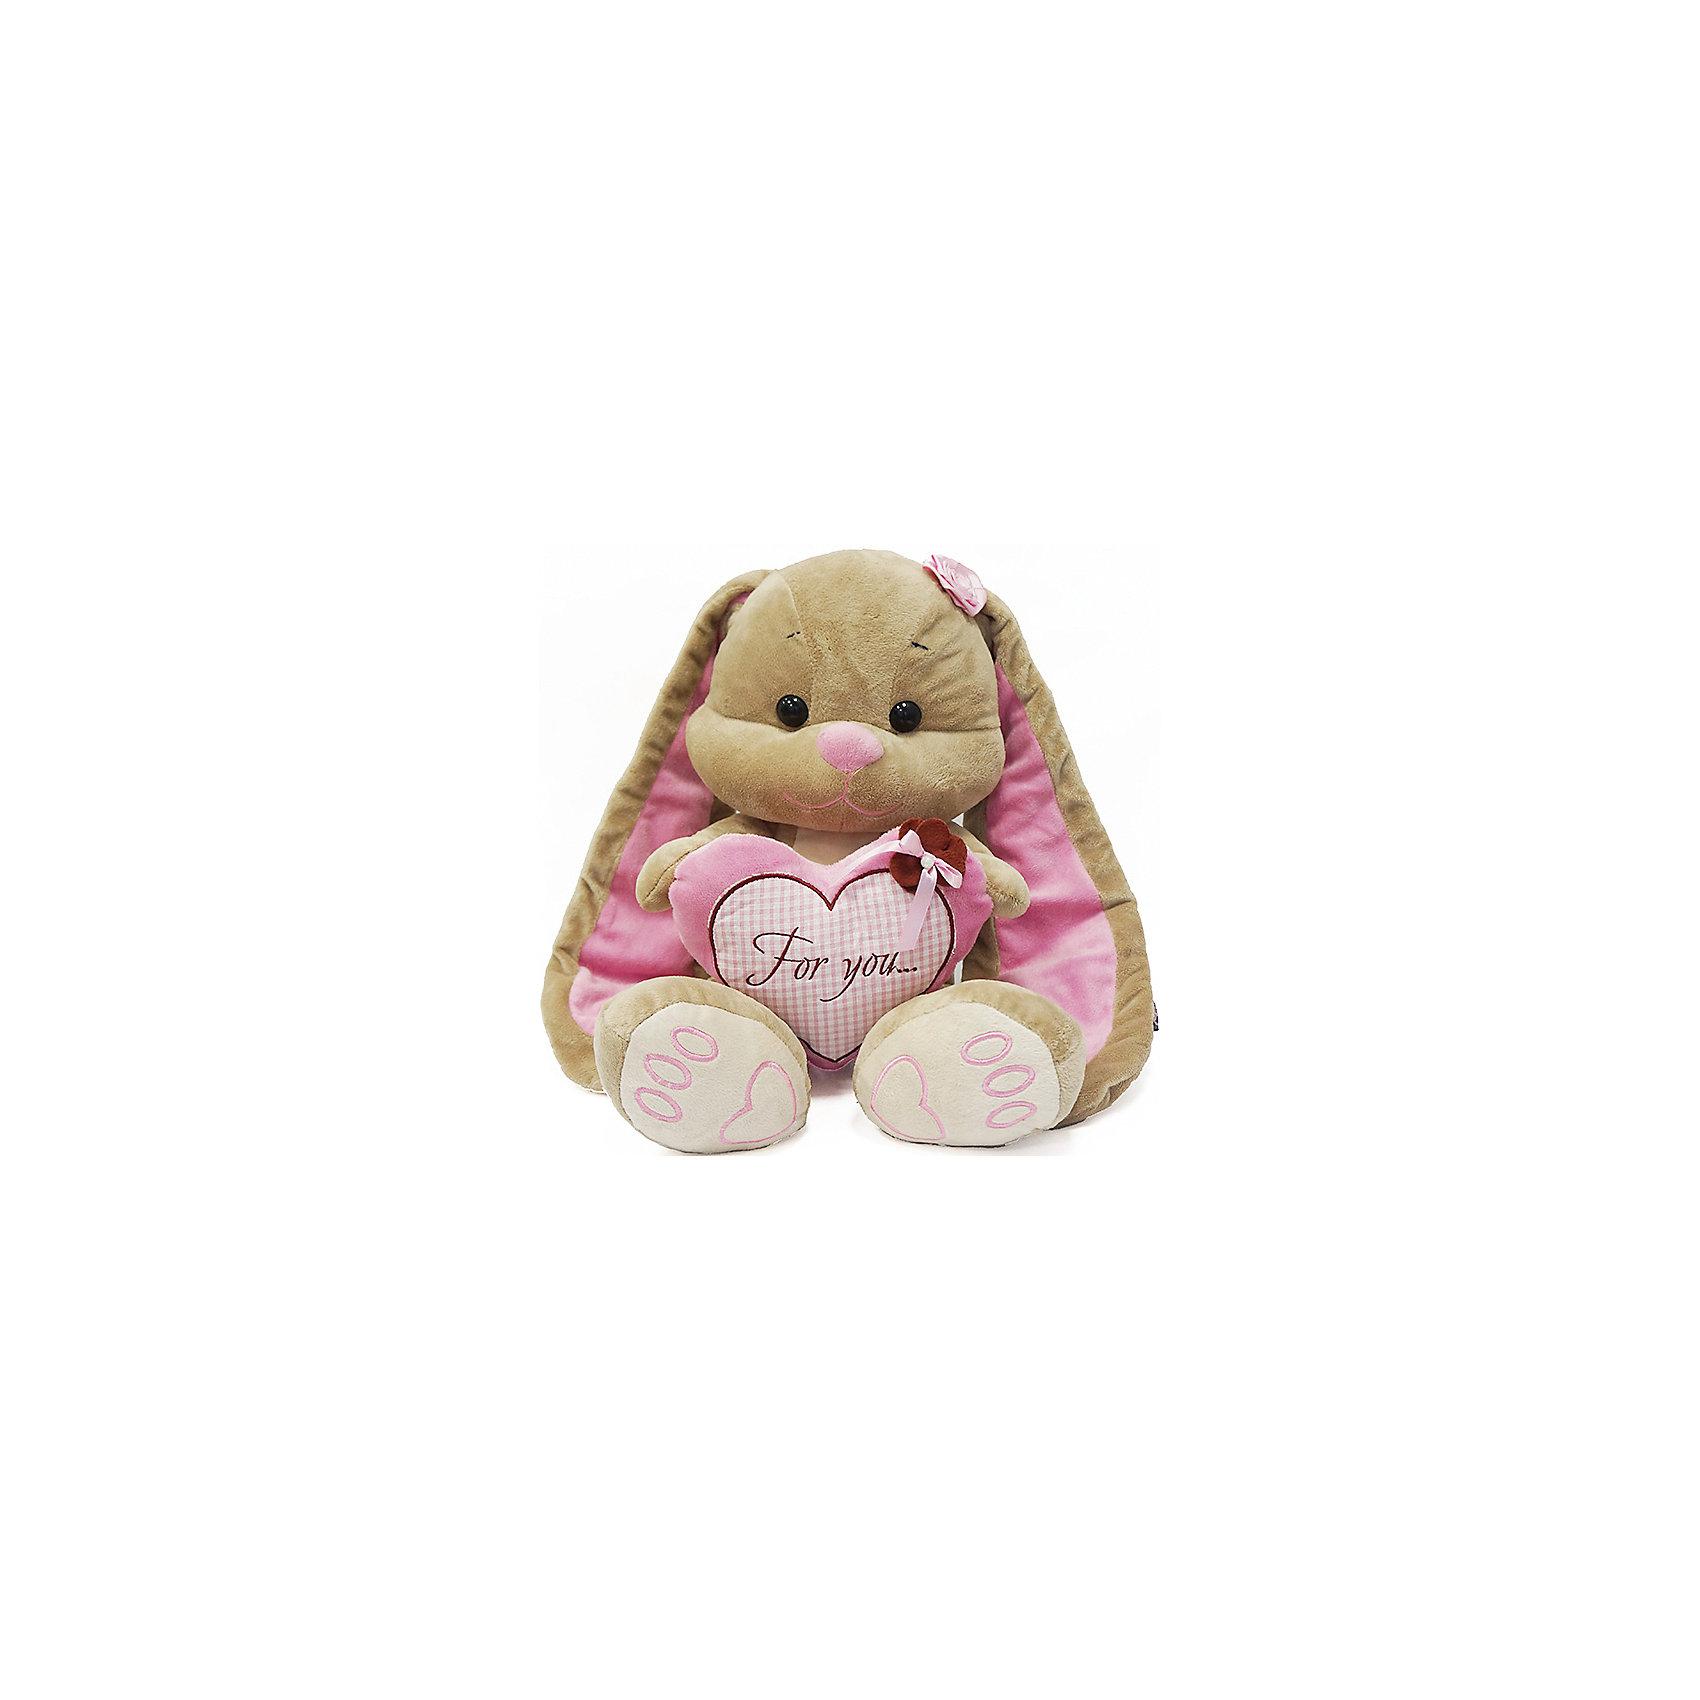 Зайка Лин с сердцем, 35 см, MAXITOYSЗайцы и кролики<br>Очень симпатичная мягкая игрушка сделана в виде Зайца с сердцем в лапках. Она поможет ребенку проводить время весело и с пользой (такие игрушки развивают воображение и моторику). Смотрится игрушка очень мило - ее хочется трогать и играть с ней.<br>Размер игрушки универсален - 35 сантиметров, её удобно брать с собой в поездки и на прогулку. Сделан Зайка из качественных и безопасных для ребенка материалов, которые еще и приятны на ощупь. Эта игрушка может стать и отличным подарком для взрослого, также она украсит любой интерьер.<br><br>Дополнительная информация:<br><br>- материал: мех искусственный, трикотажный, волокно полиэфирное;<br>- высота: 35 см.<br><br>Игрушку Зайка Лин с сердцем, 35 см, от марки MAXITOYS можно купить в нашем магазине.<br><br>Ширина мм: 350<br>Глубина мм: 310<br>Высота мм: 350<br>Вес г: 524<br>Возраст от месяцев: 36<br>Возраст до месяцев: 1188<br>Пол: Женский<br>Возраст: Детский<br>SKU: 4701903